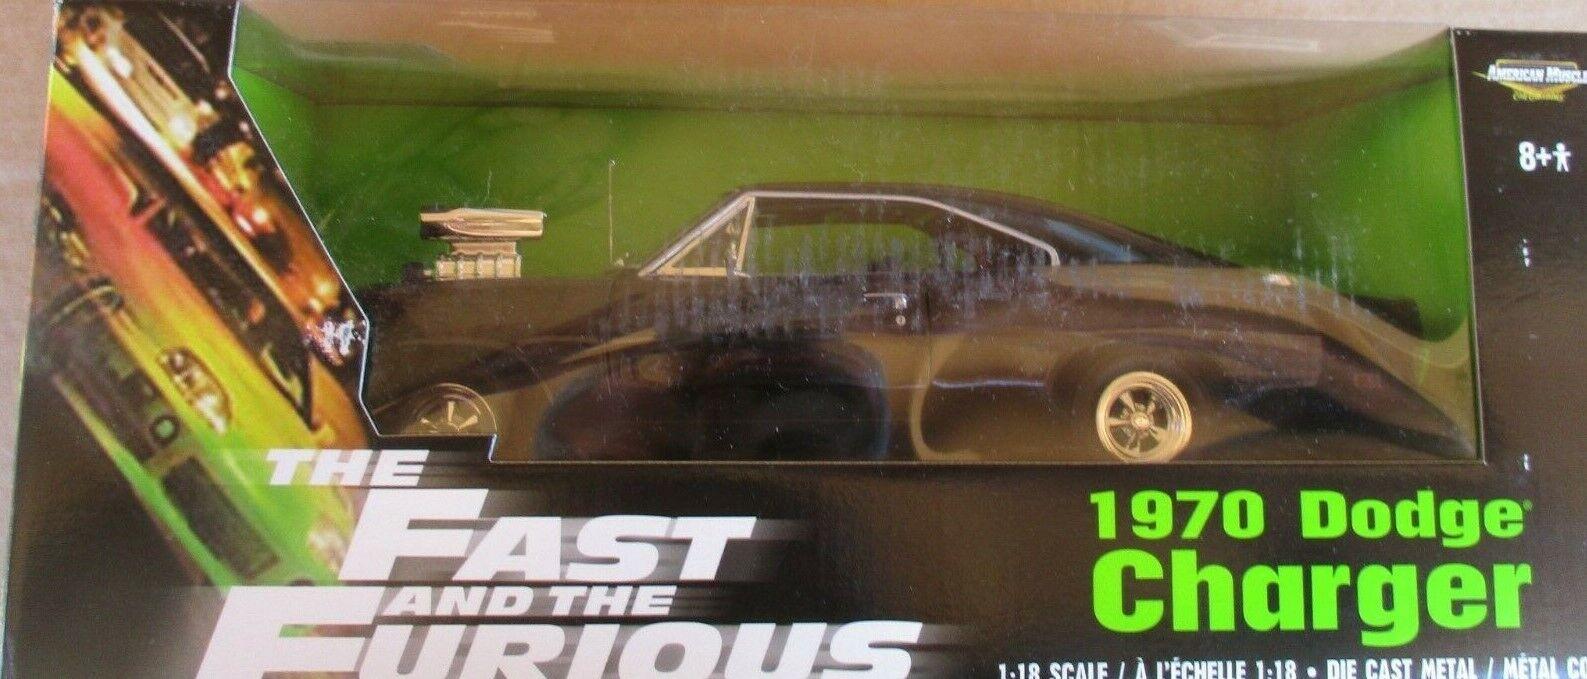 almacén al por mayor Ertl Ertl Ertl American Muscle el rápido y el furioso edición 1970 Cochegador De 1 18'70 2002  toma